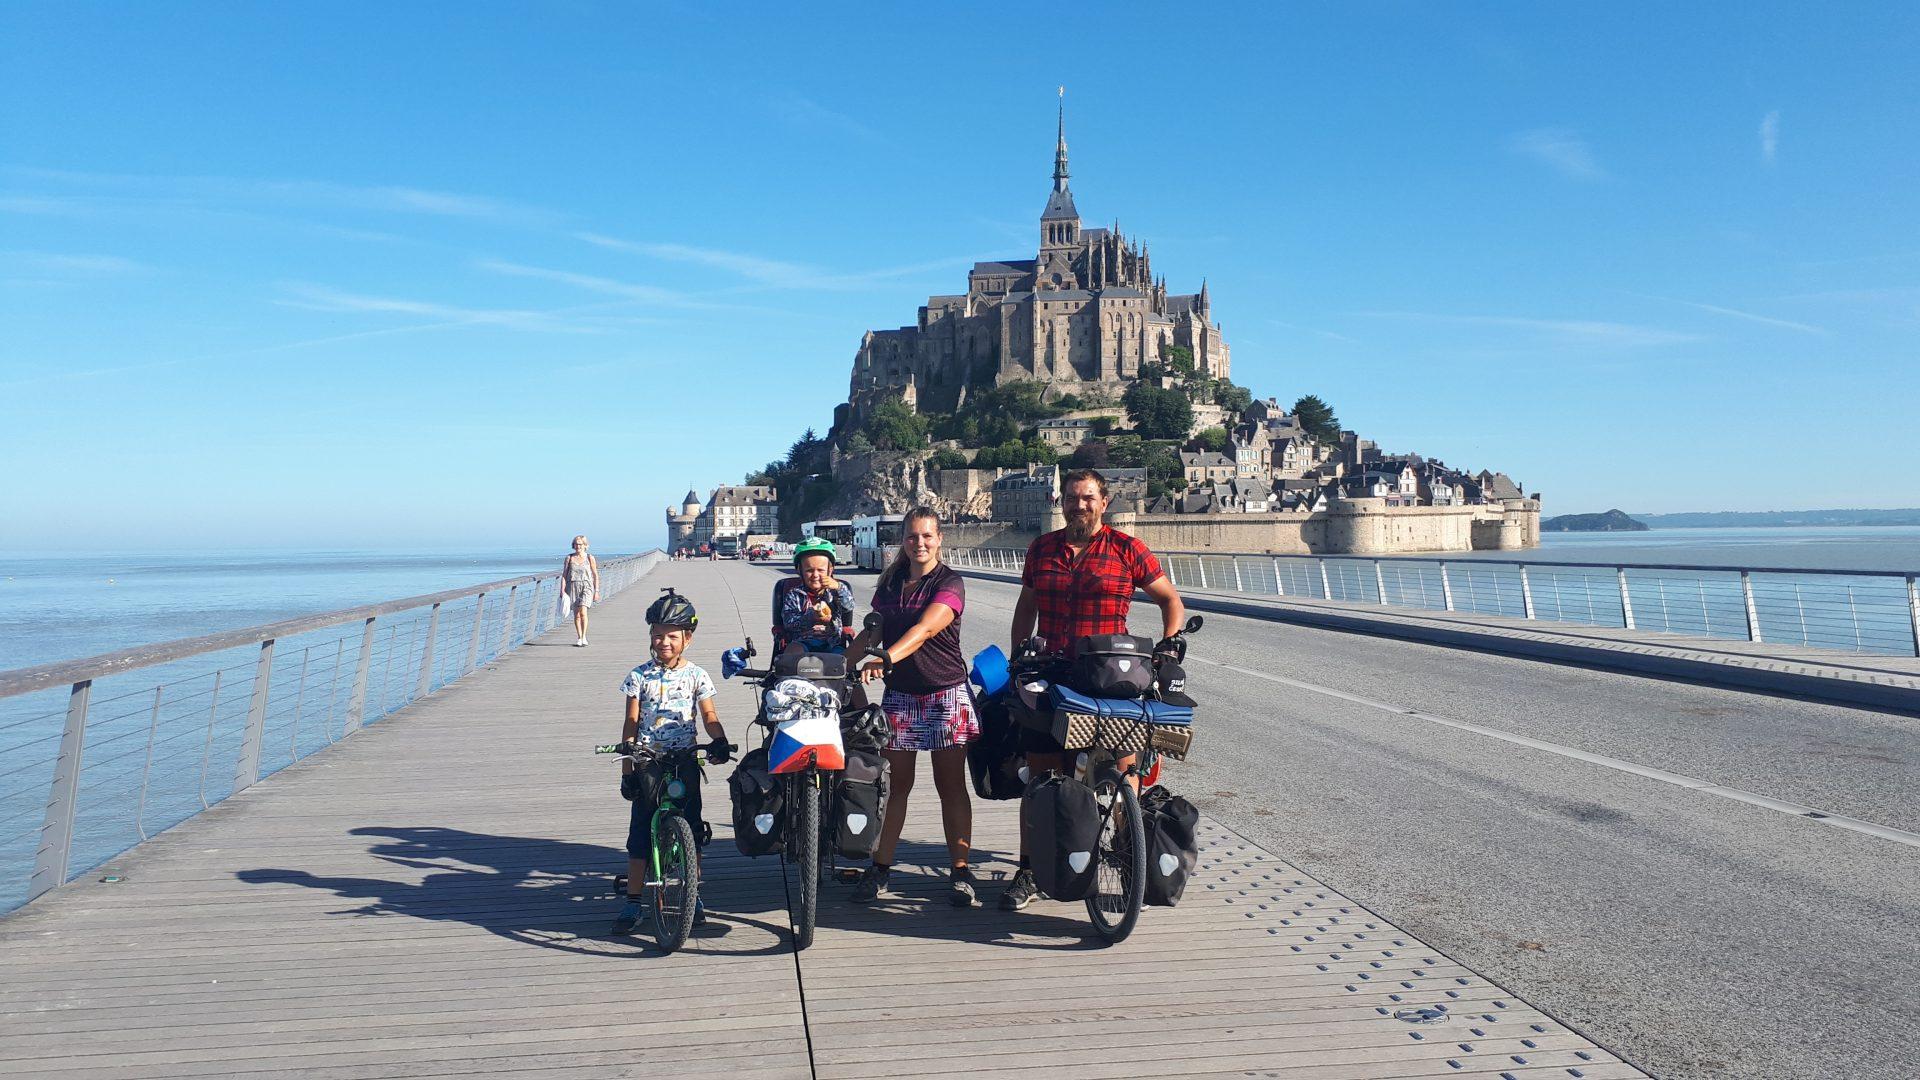 Berkovi během jedinečného výletu navštívili i klášter Mont Saint Michel ve Francii. Foto: archiv rodiny Berkových